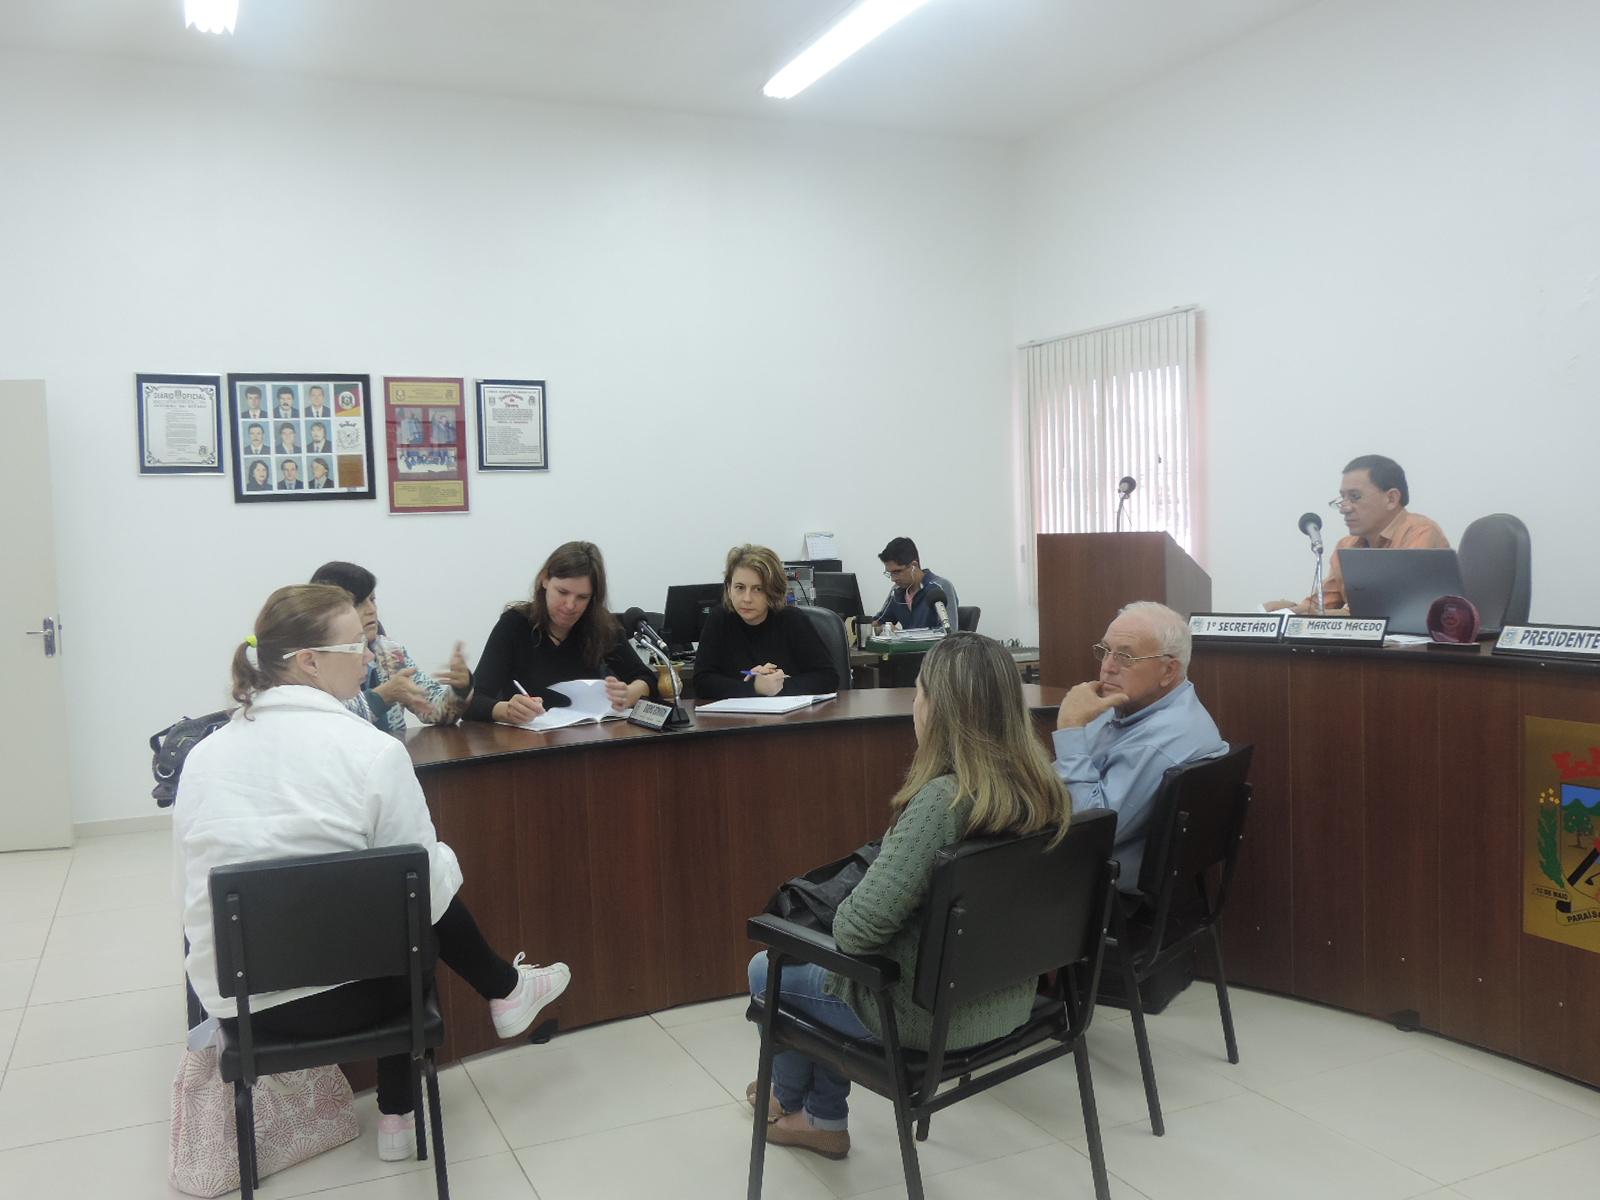 Audiência Pública para apresentação do Relatório de avaliação das Metas fiscais do segundo quadrimestre